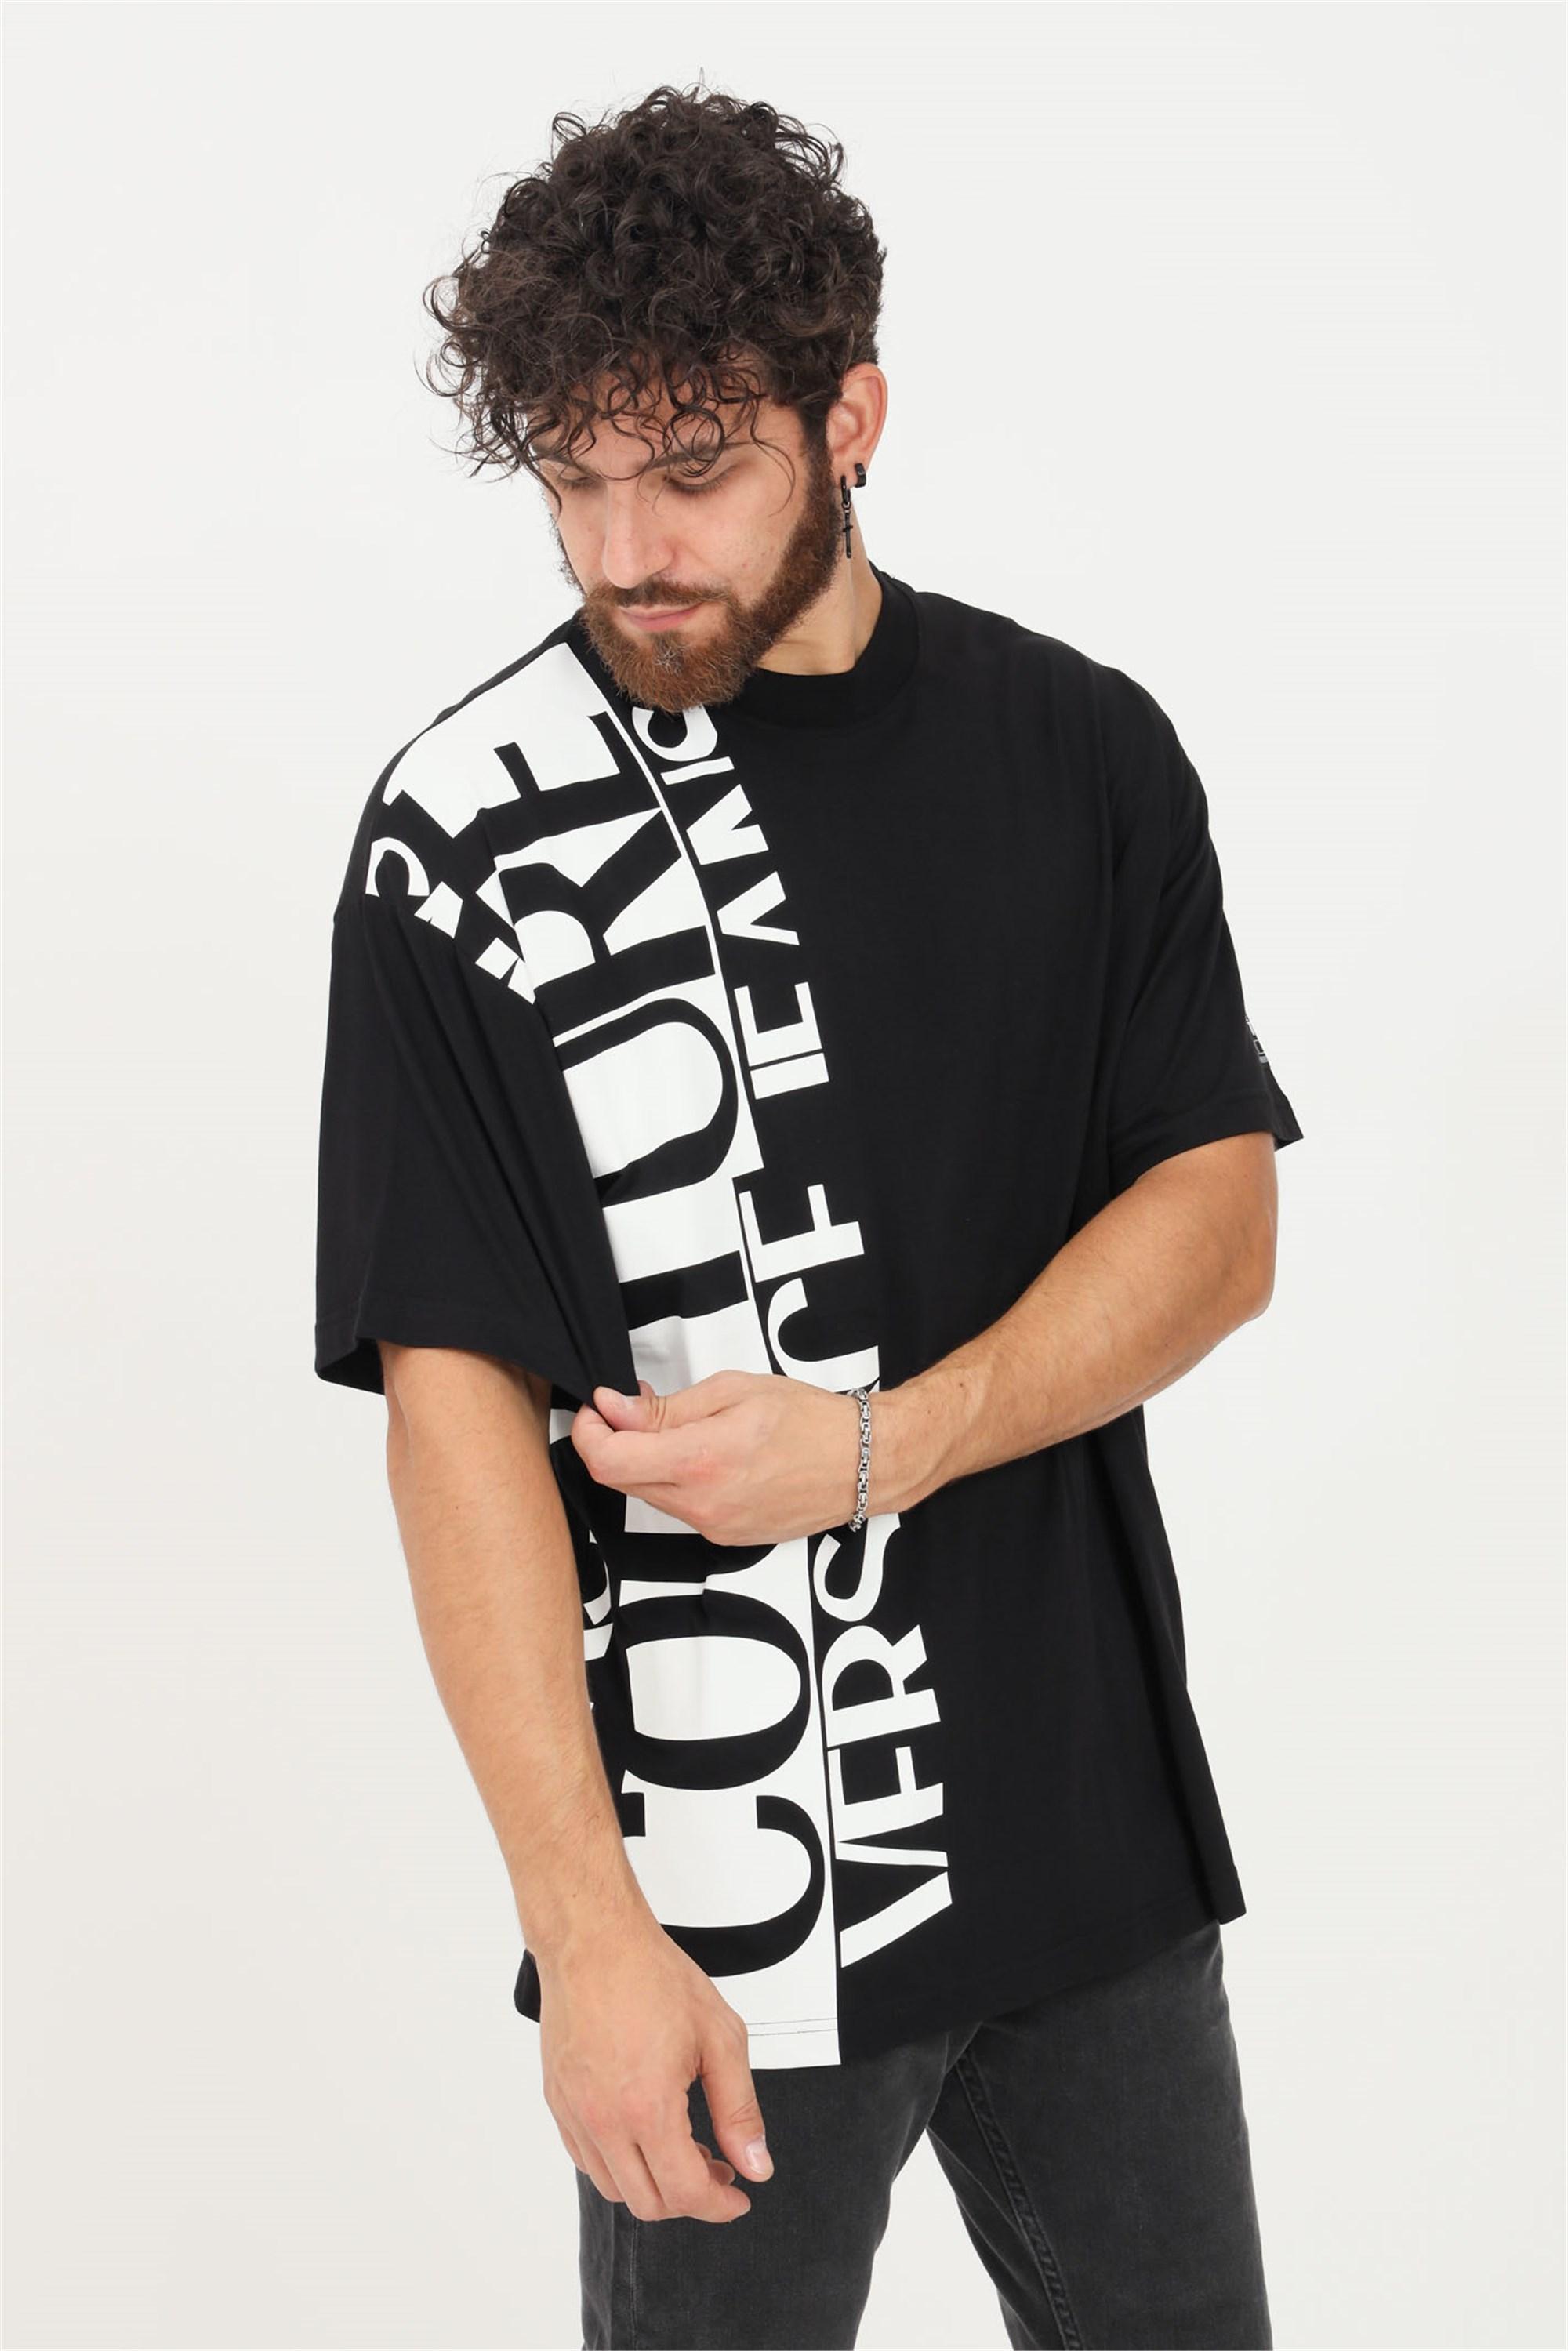 VERSACE JEANS COUTURE T-Shirt Unisex schwarz günstig online kaufen